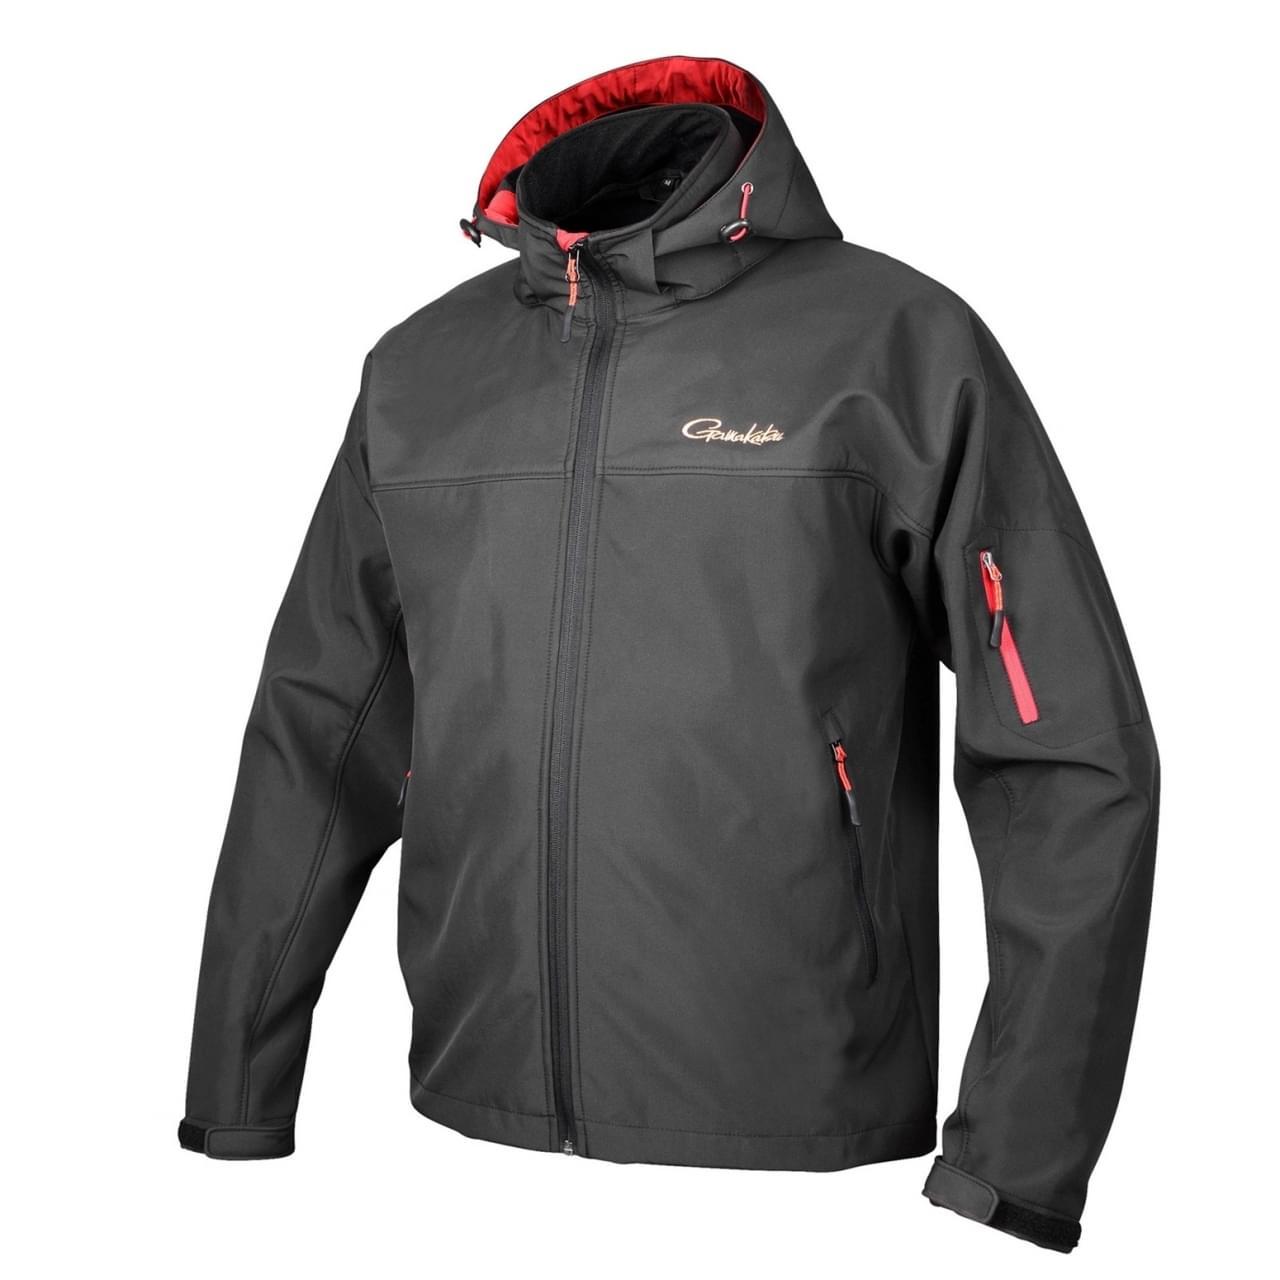 Gamakatsu Soft Shell Jacket